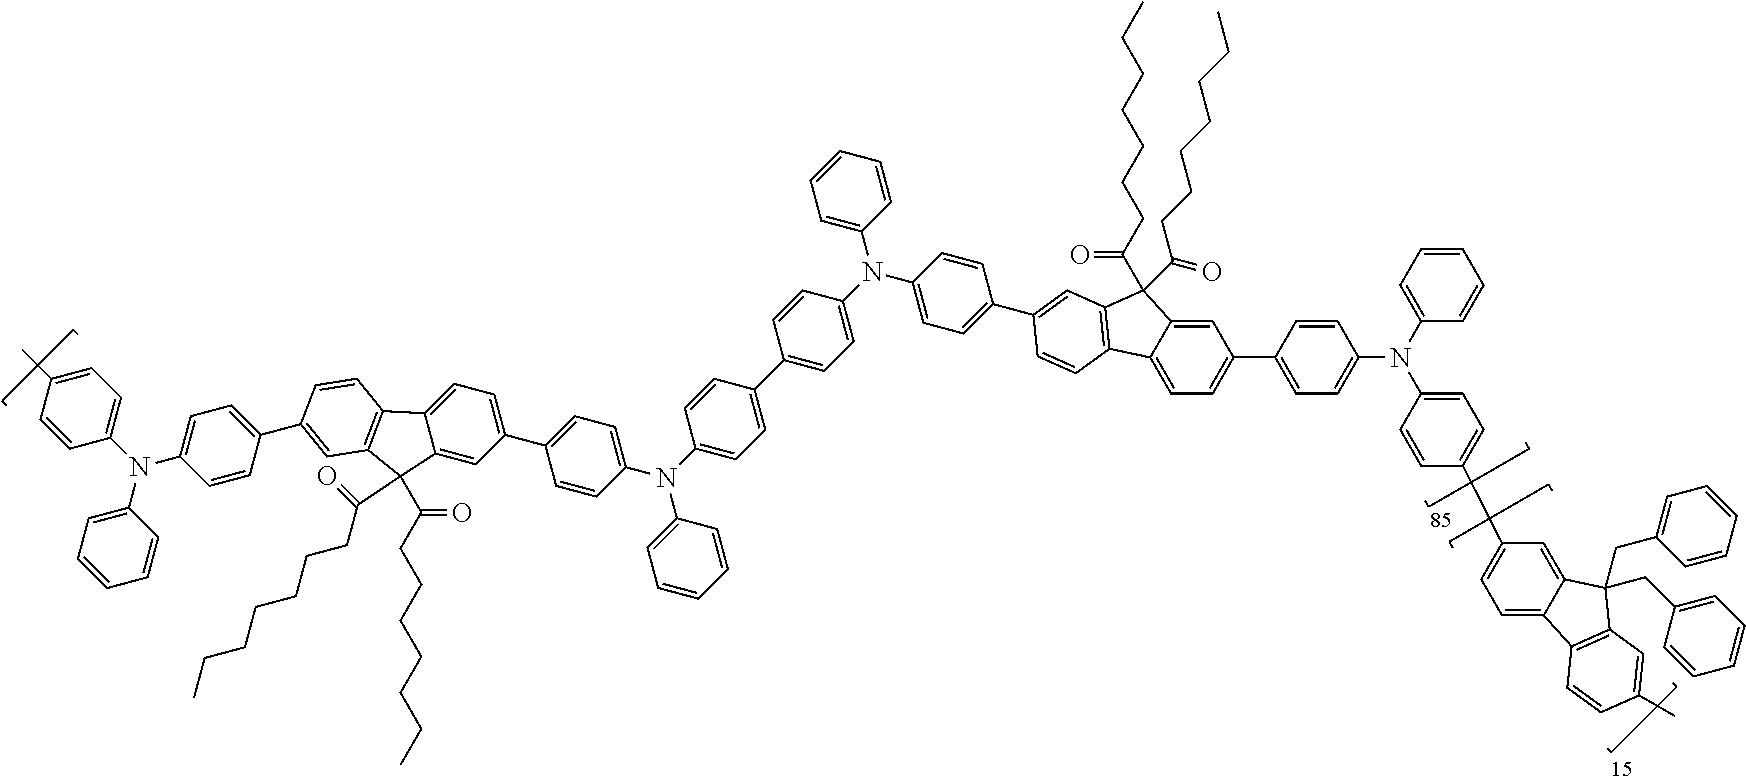 Figure US20180076393A1-20180315-C00079